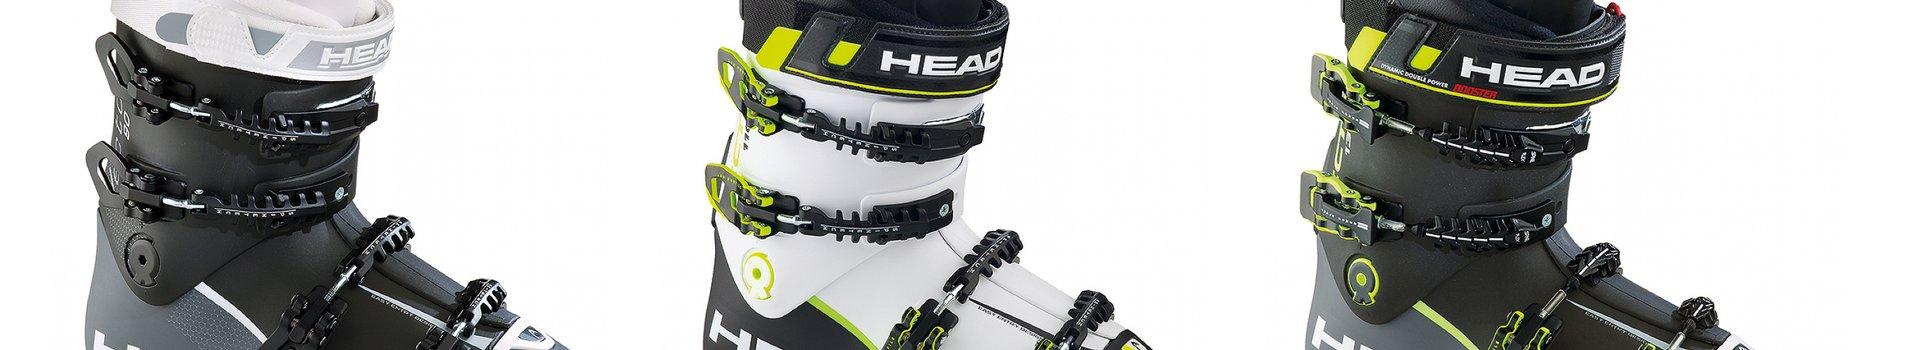 Buty narciarskie Head Vector EVO - stworzone, by osiągać więcej, niż można!